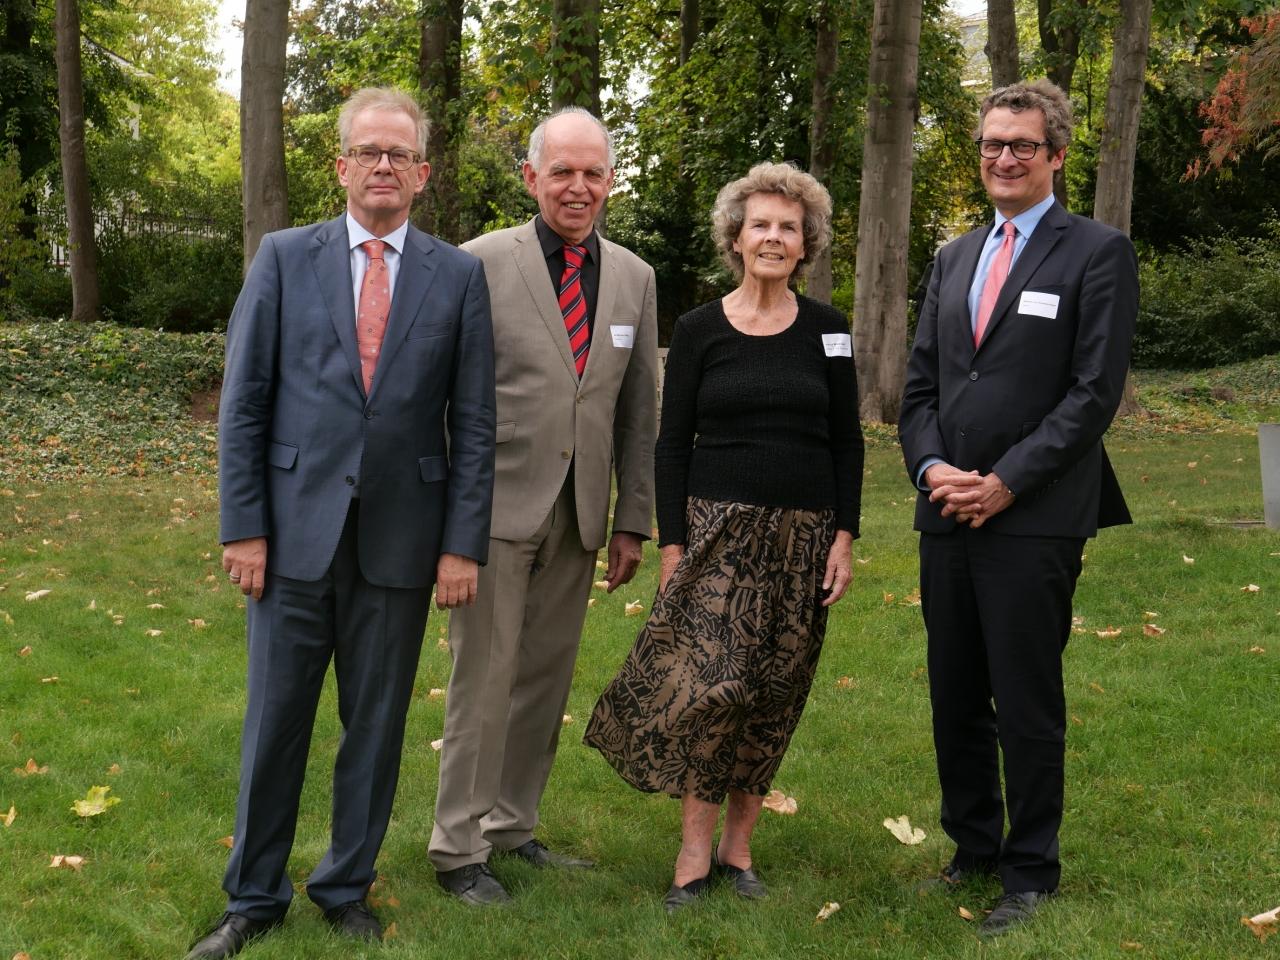 Prof. Andreas Kruse, Karl Michael Griffig, Dr. Heidrun Mollenkopf, Dr. Matthias von Schwanenflügel